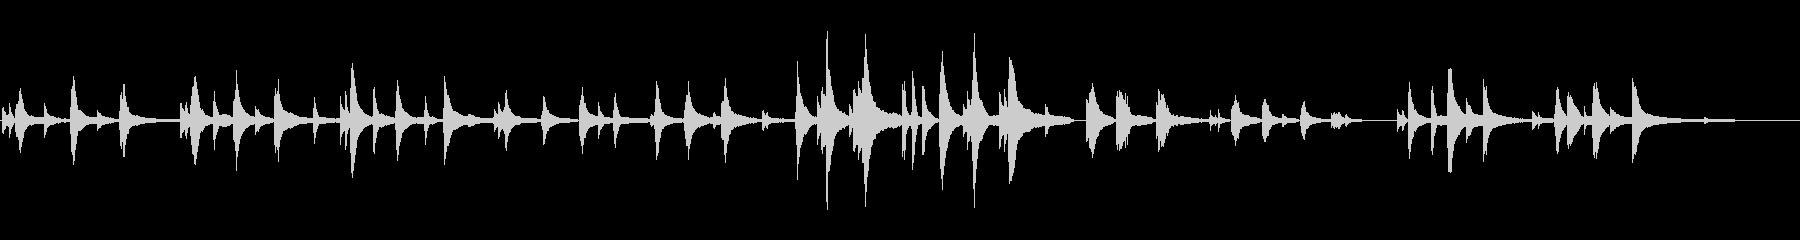 静かな夜のピアノソロの未再生の波形